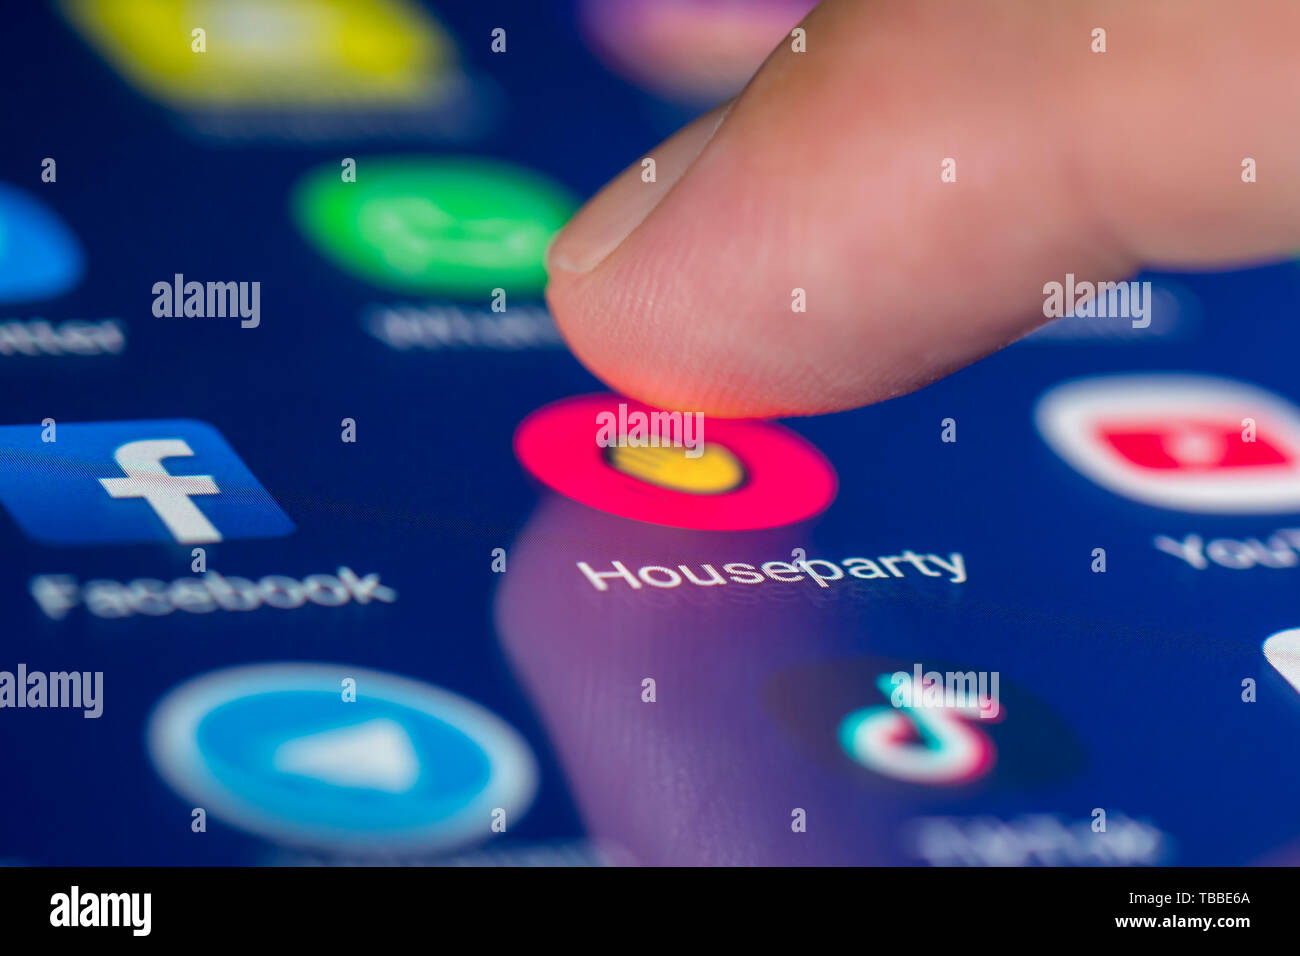 Dedo pulsando un icono de acceso directo en un teléfono inteligente o una tableta táctil para cargar los medios sociales Houseparty app. Aplicación de House Party. Imagen De Stock